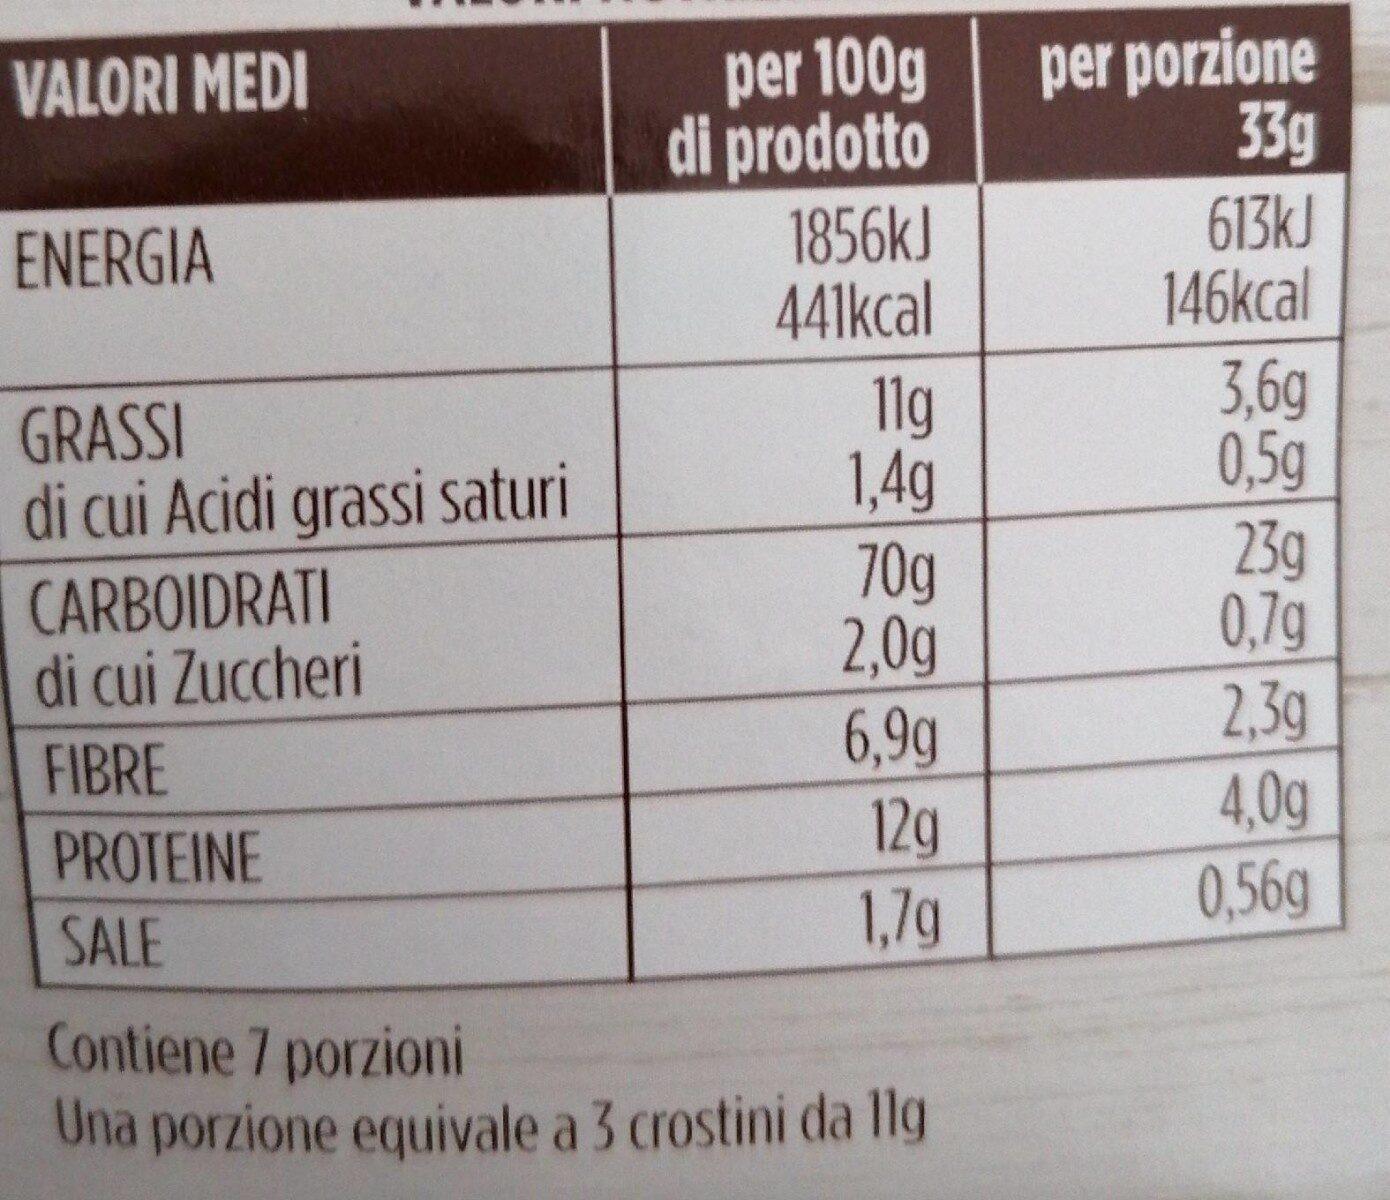 Crostini con farina integrale - Informations nutritionnelles - fr